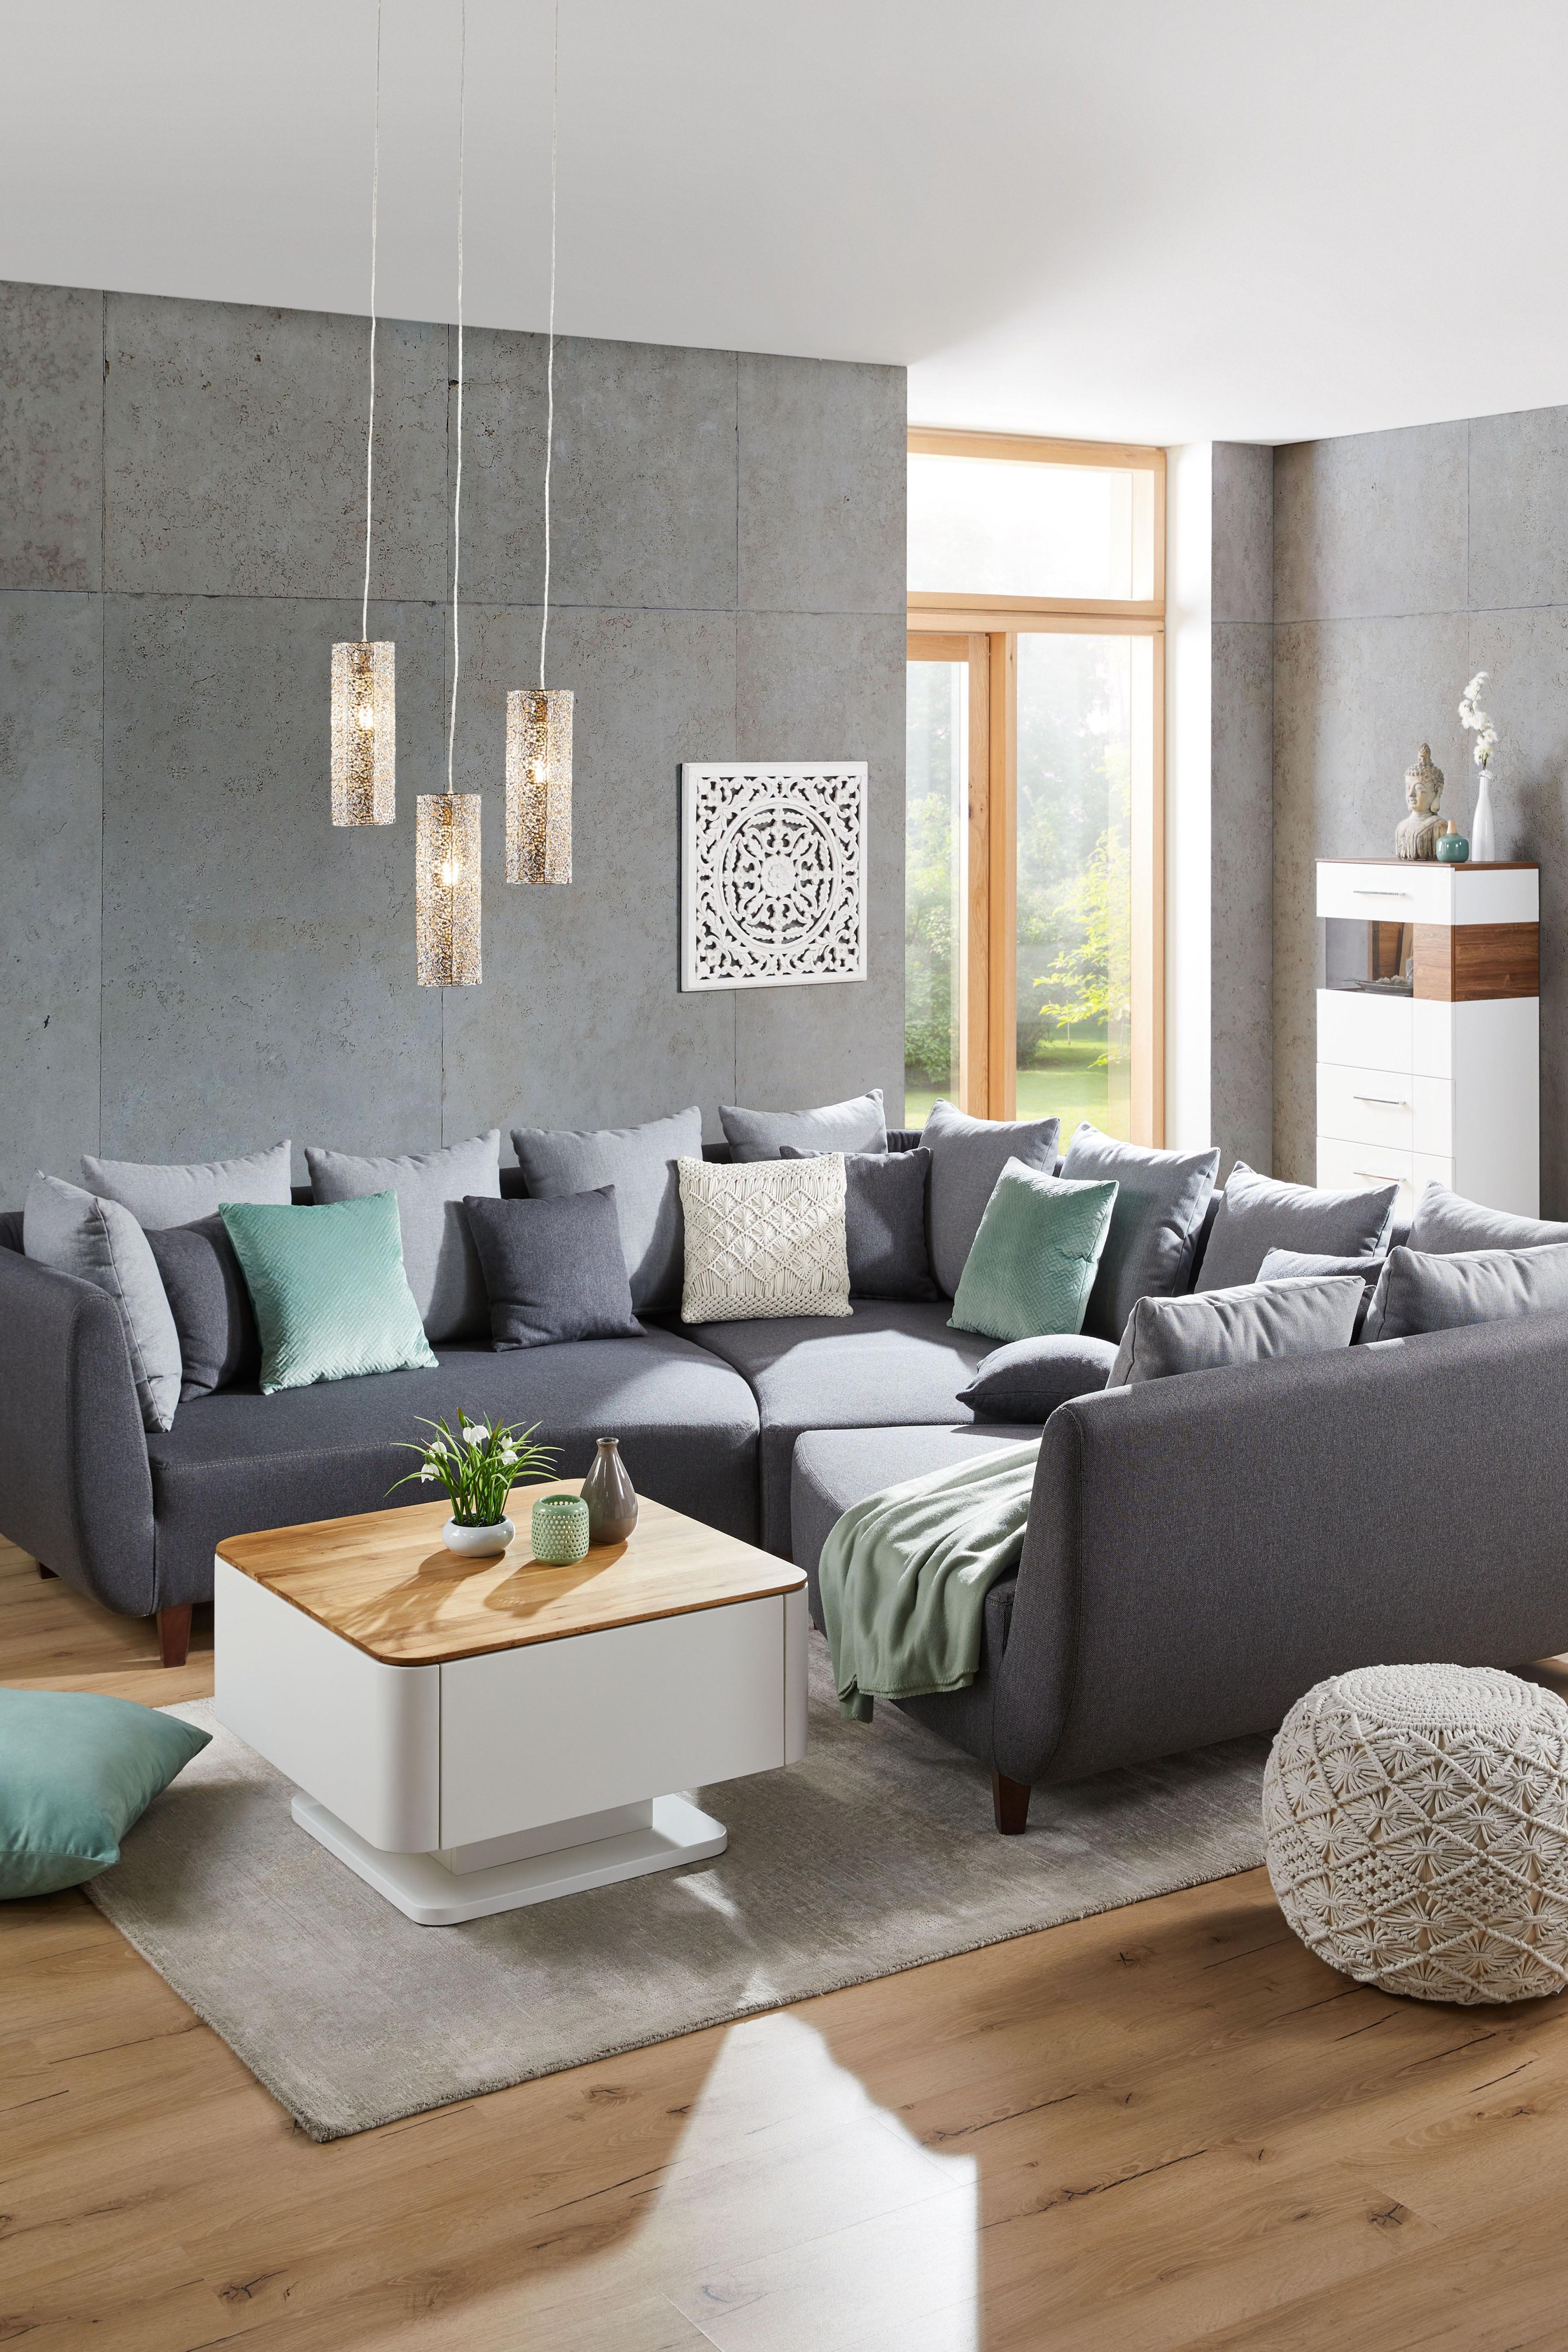 Sofaelement In Grau  Wohnzimmer Ideen Modern Graues Sofa von Wohnzimmer Ideen Grau Photo